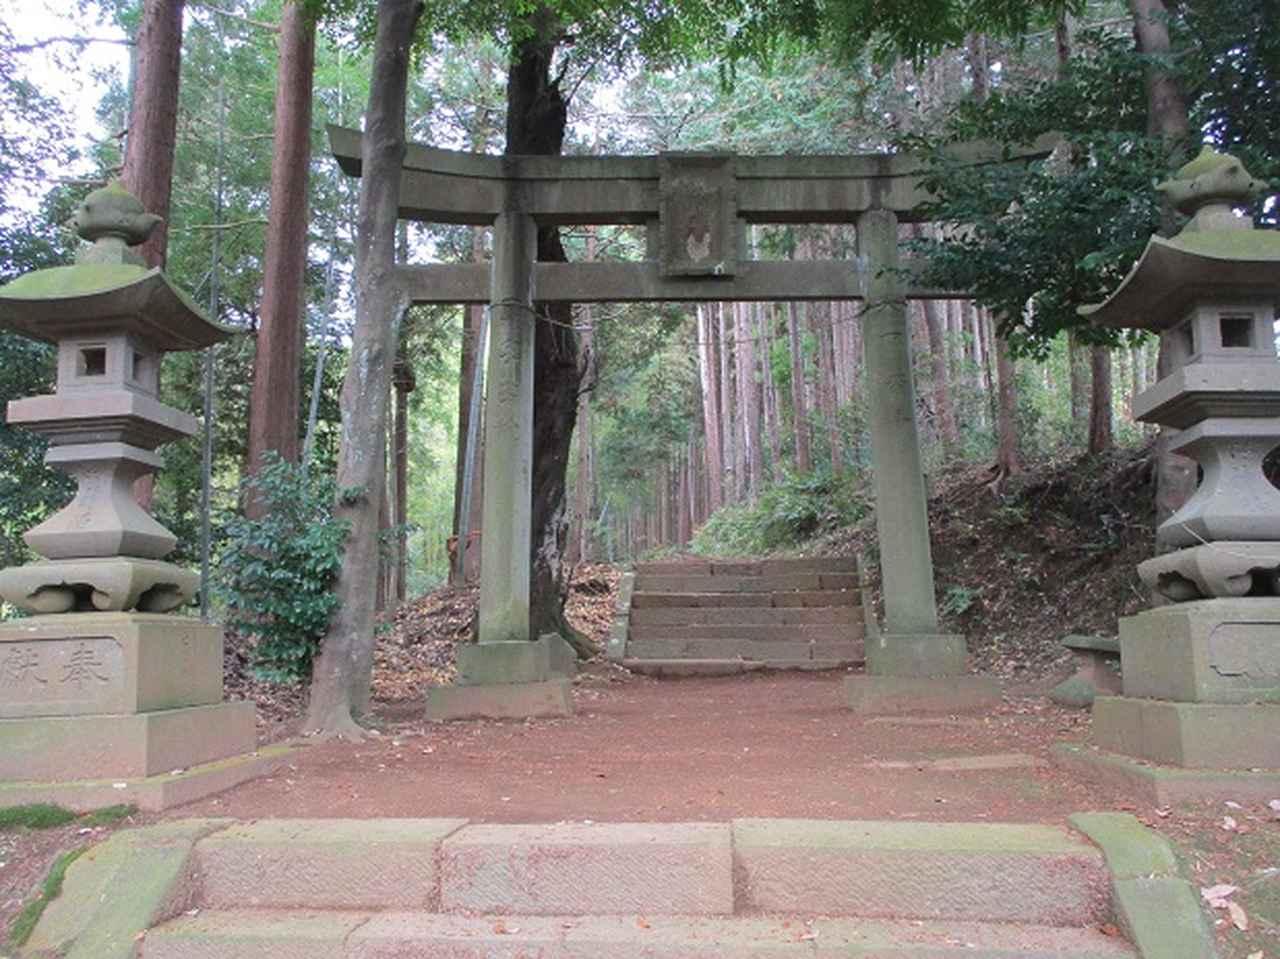 画像3: 12月の山旅会現地集合 「鐘ヶ岳」 ツアーの直前下見報告です